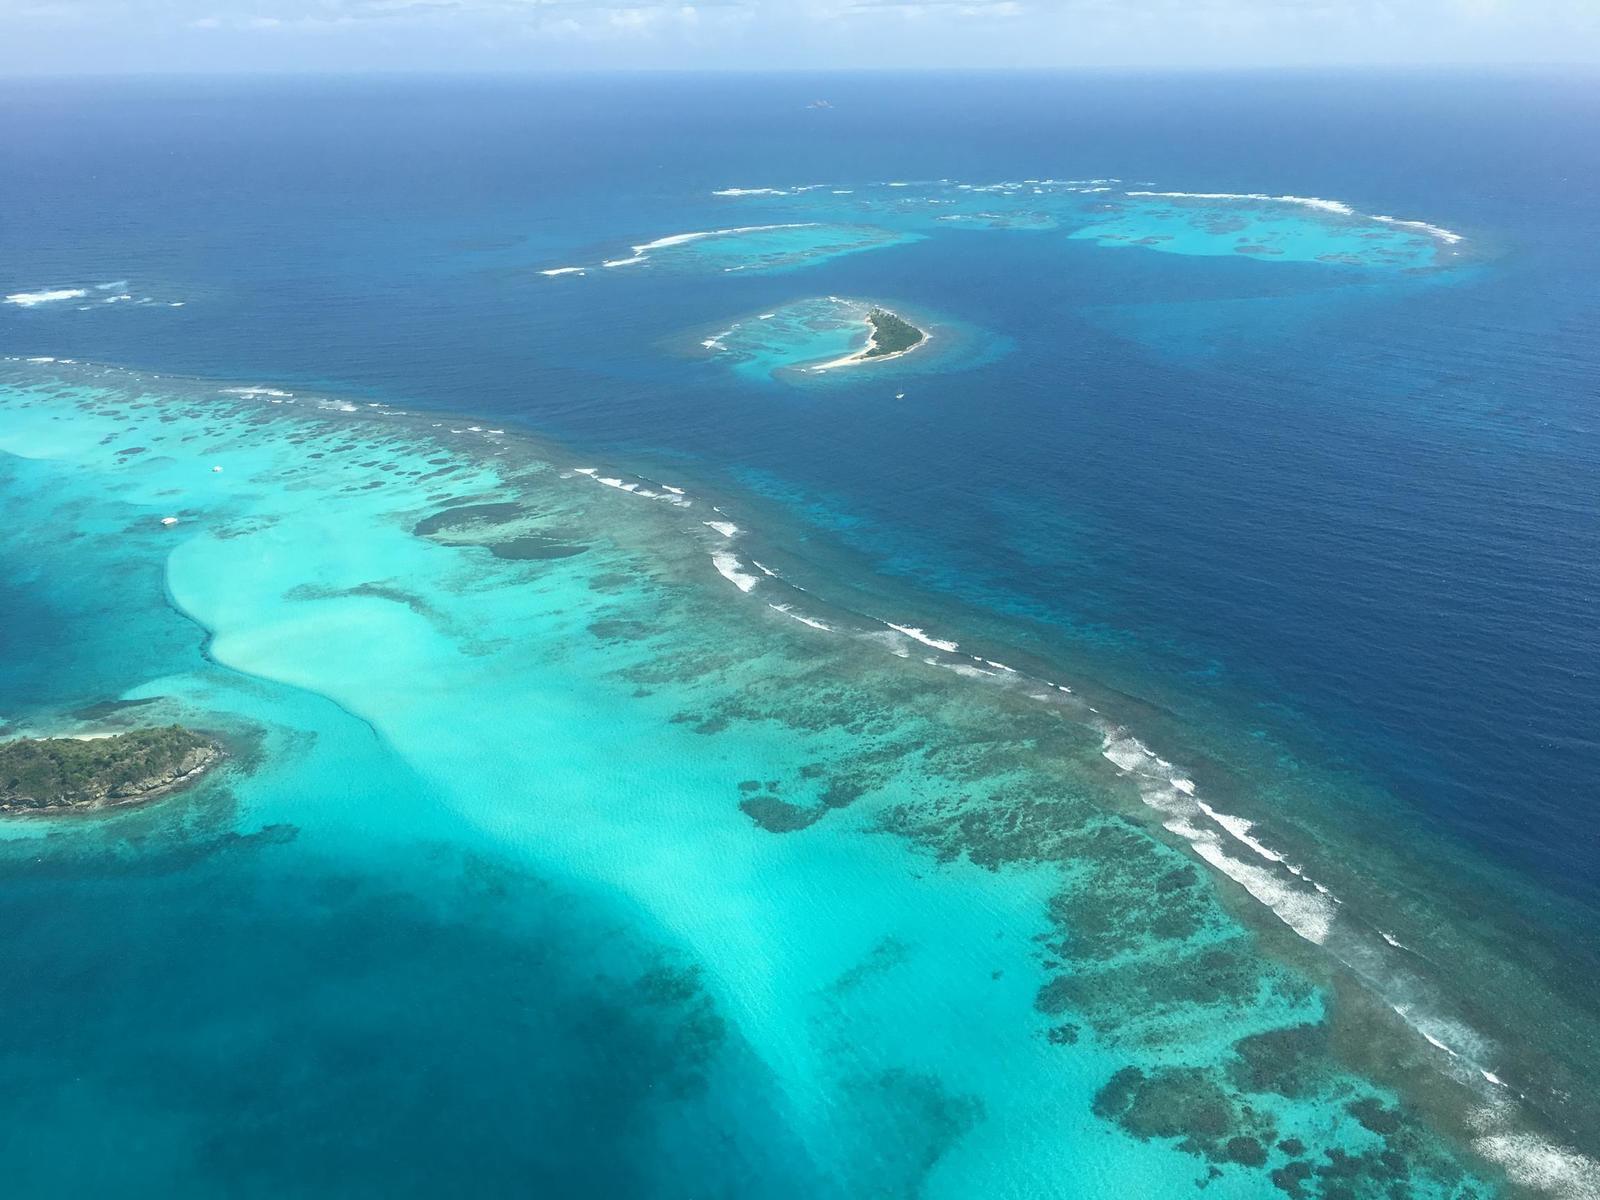 Échappées Belles aux Grenadines, dans la mer des Caraïbes, ce samedi soir sur France 5.